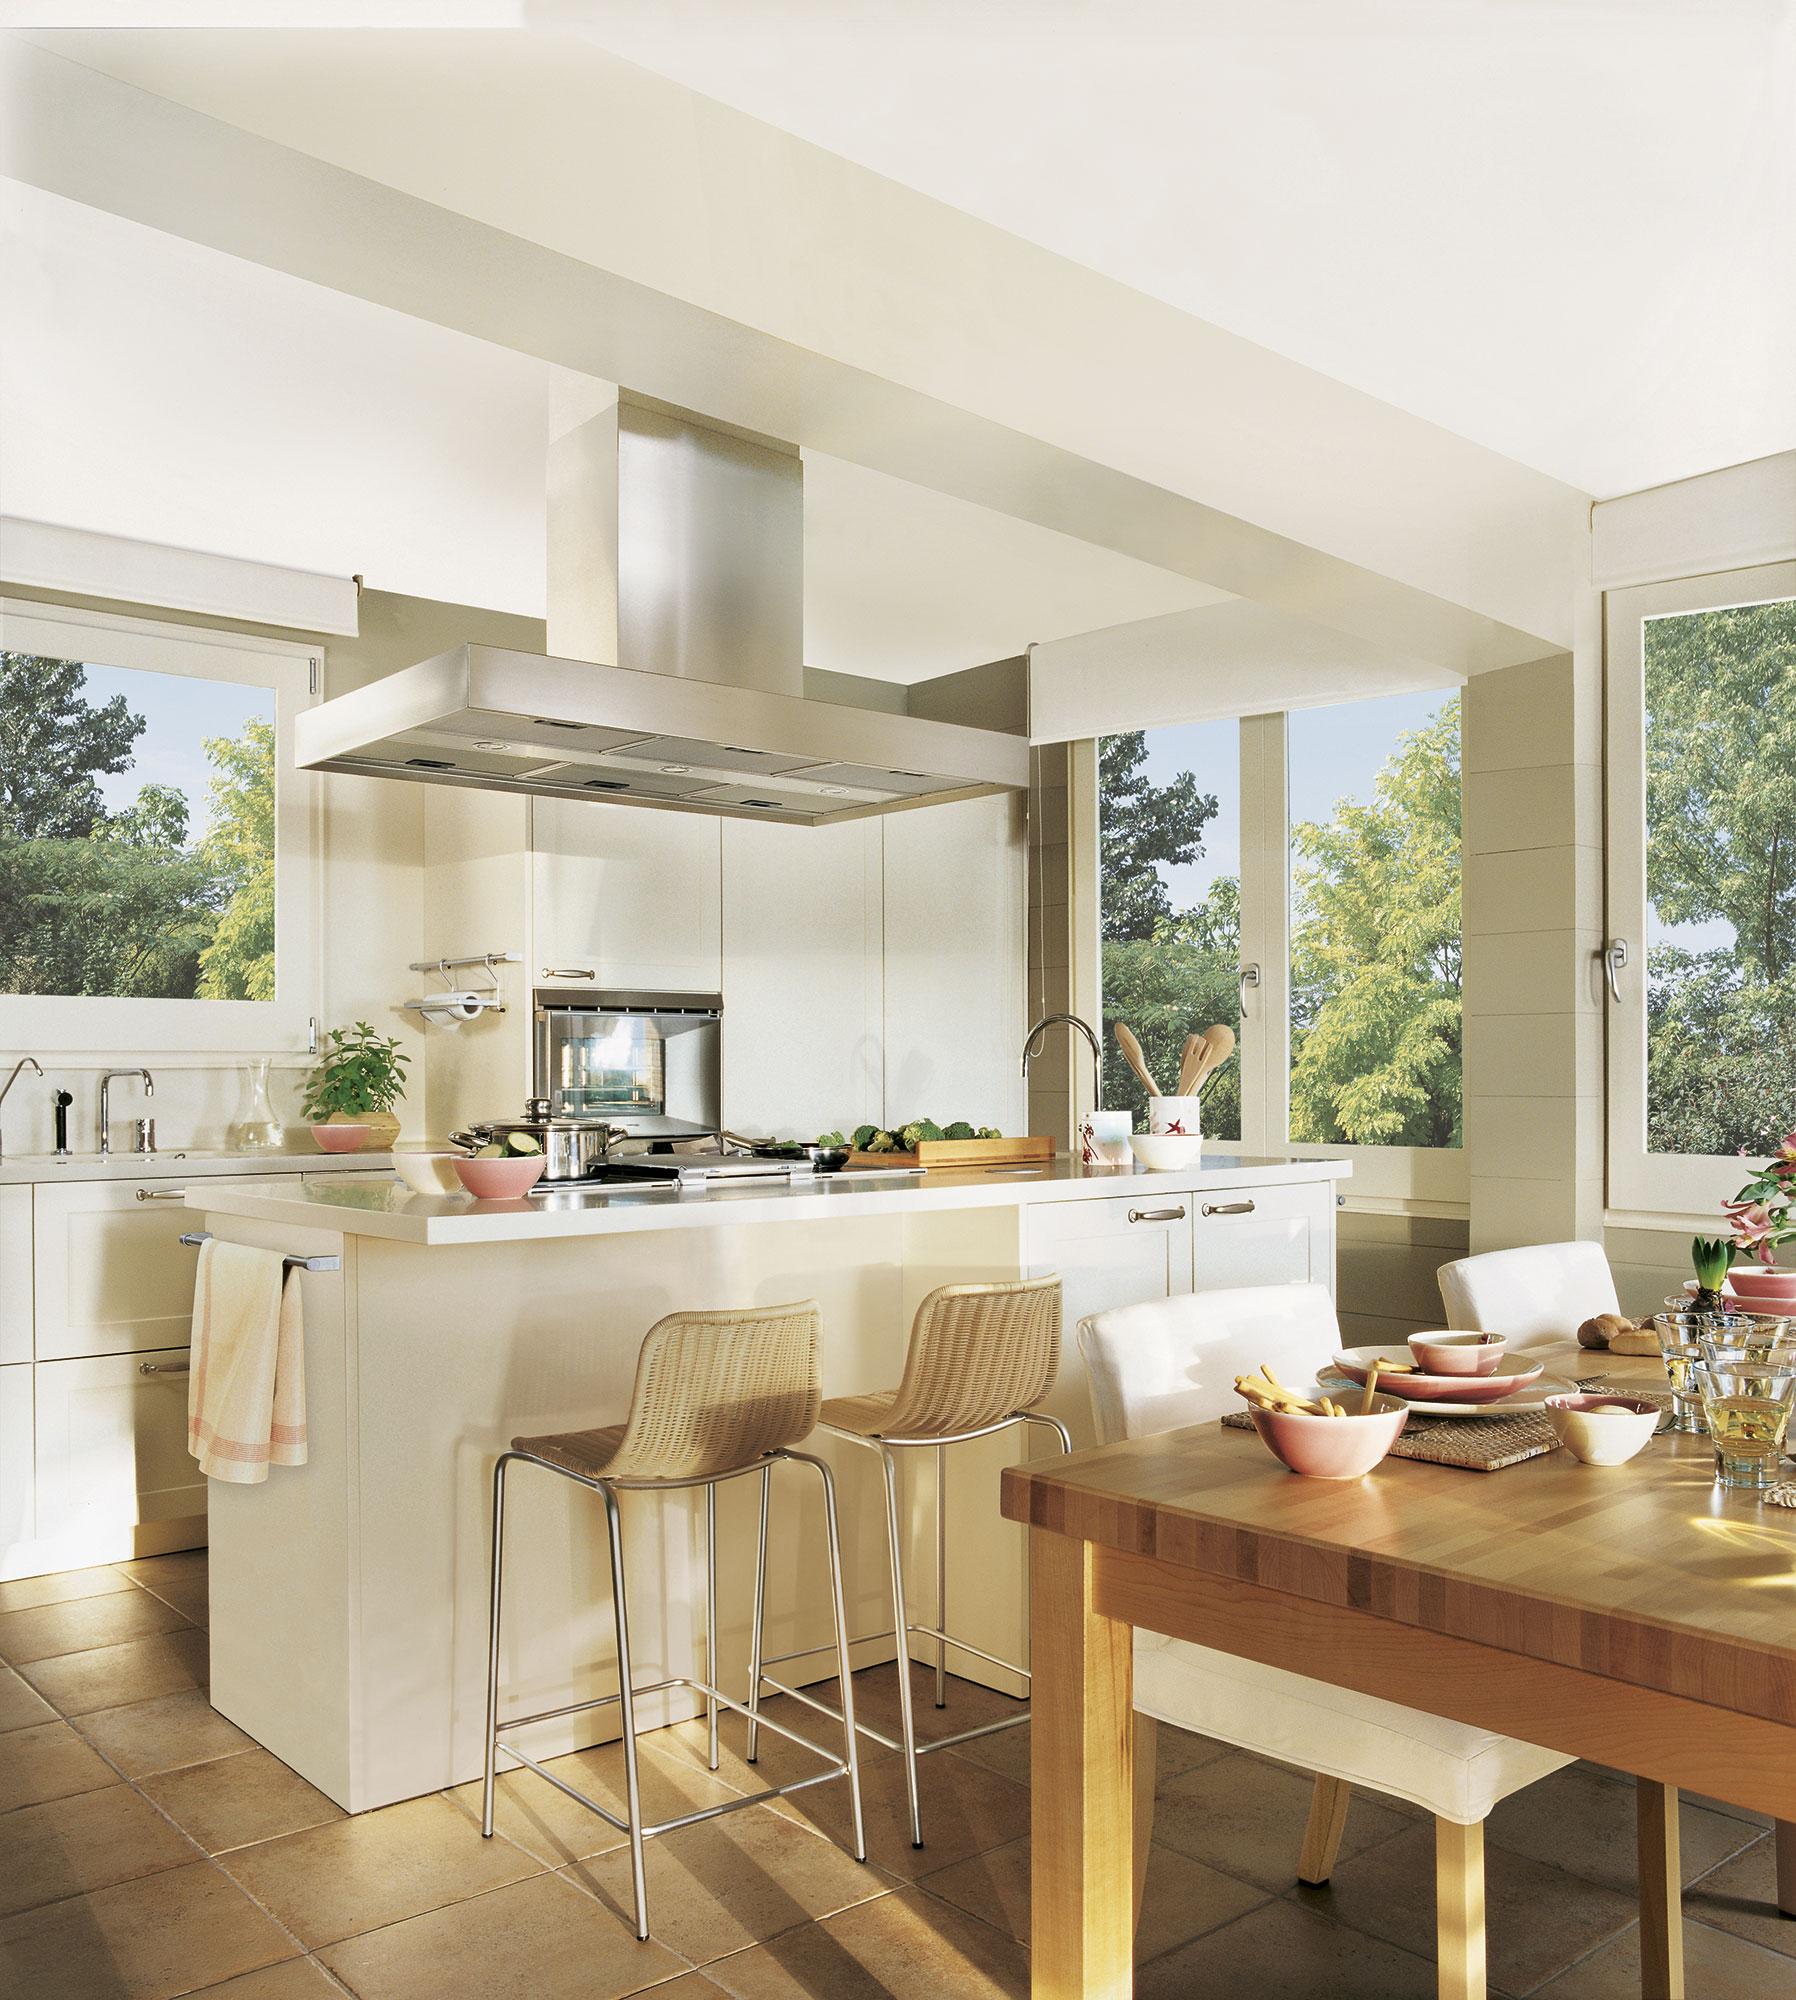 Decotips claves para ganar calidez en la cocina for Cocina en la cocina